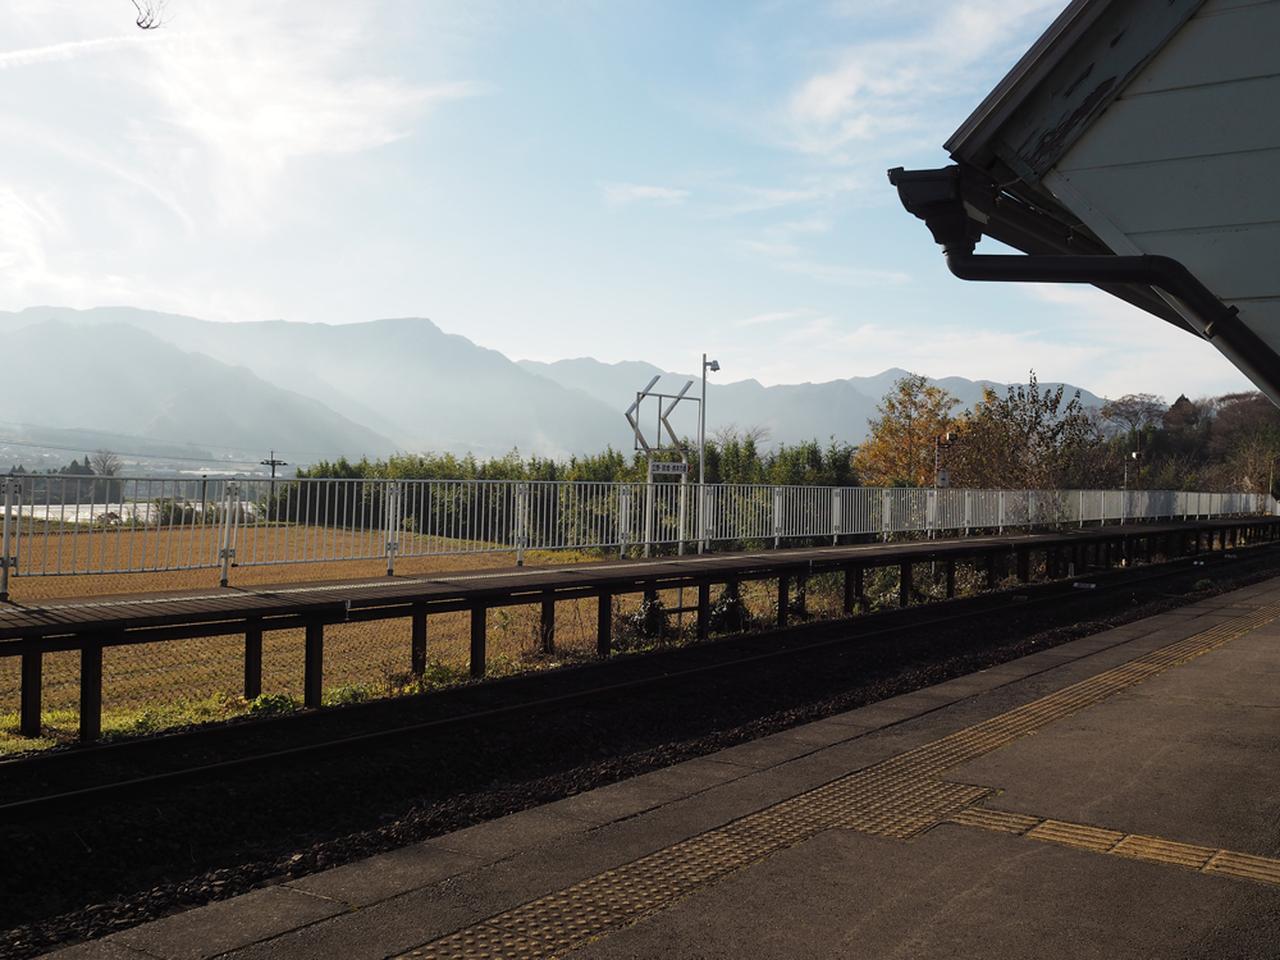 画像: 中松駅。復興列車は行ってしまったあとですが、ホームに出ると神々しいまでの山々と陽が降り注ぐ阿蘇の空。思わずじーんときてしまいました。